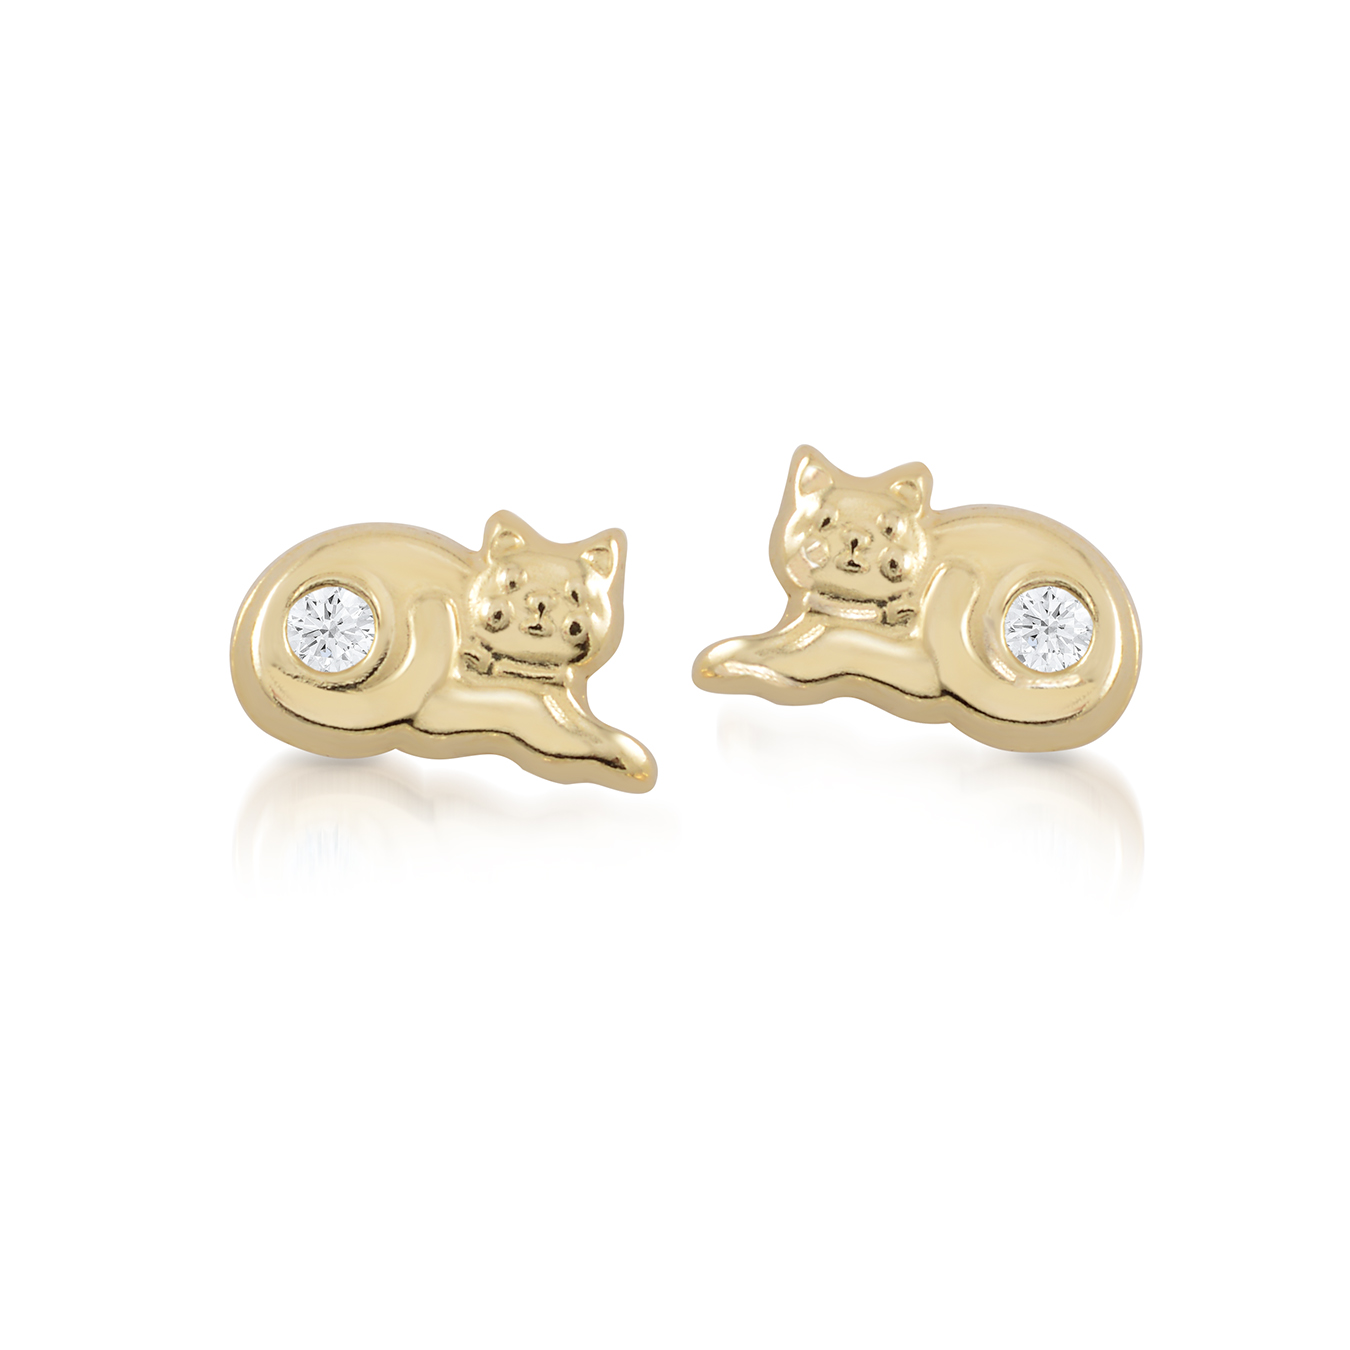 Boucles d'oreilles chats à tiges fixes pour bébé avec zircons cubiques - en Or jaune 10K